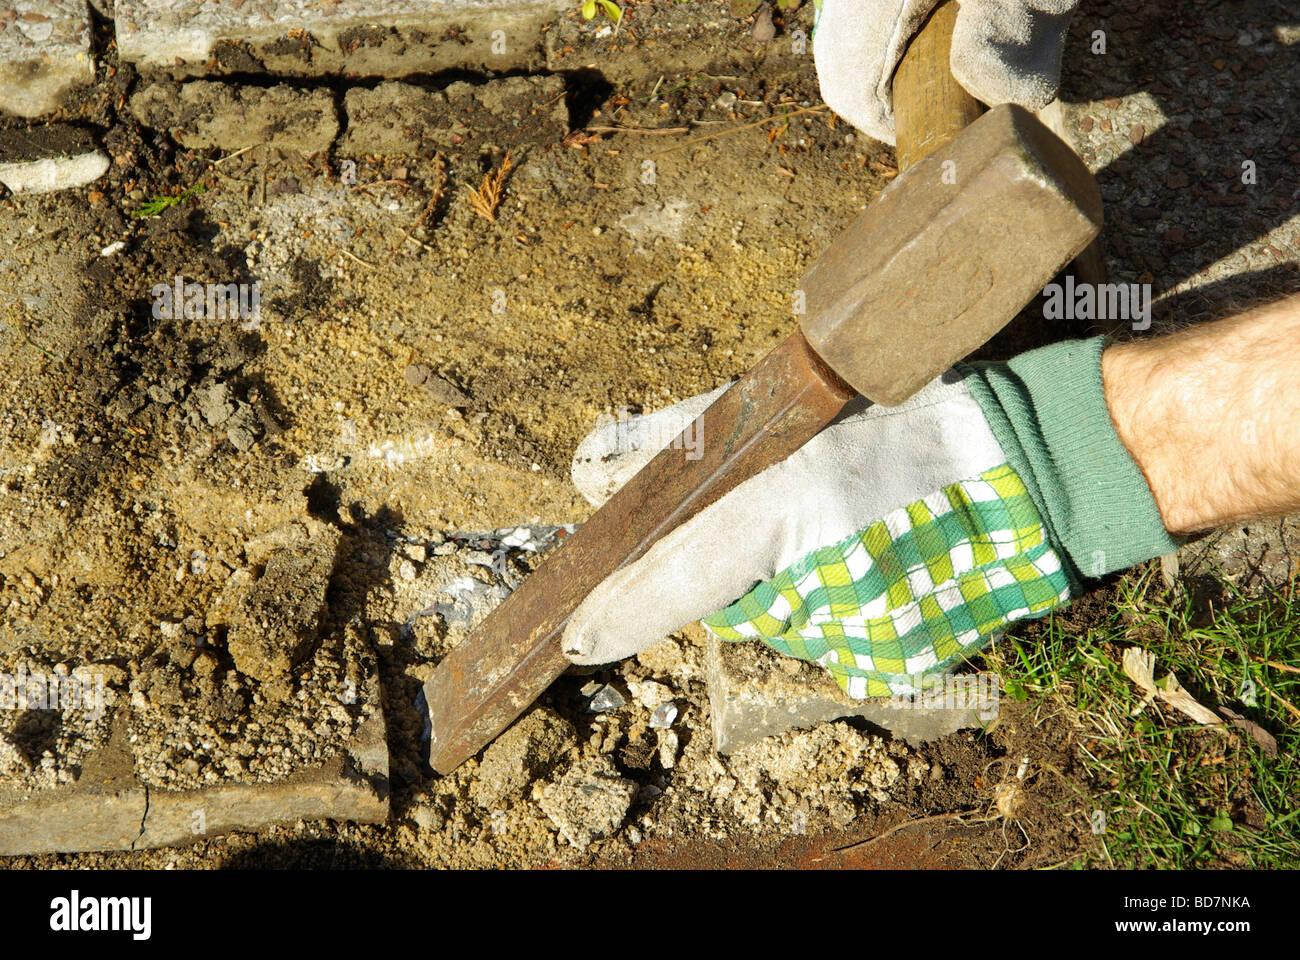 Hammer und Meißel 05 Stock Photo